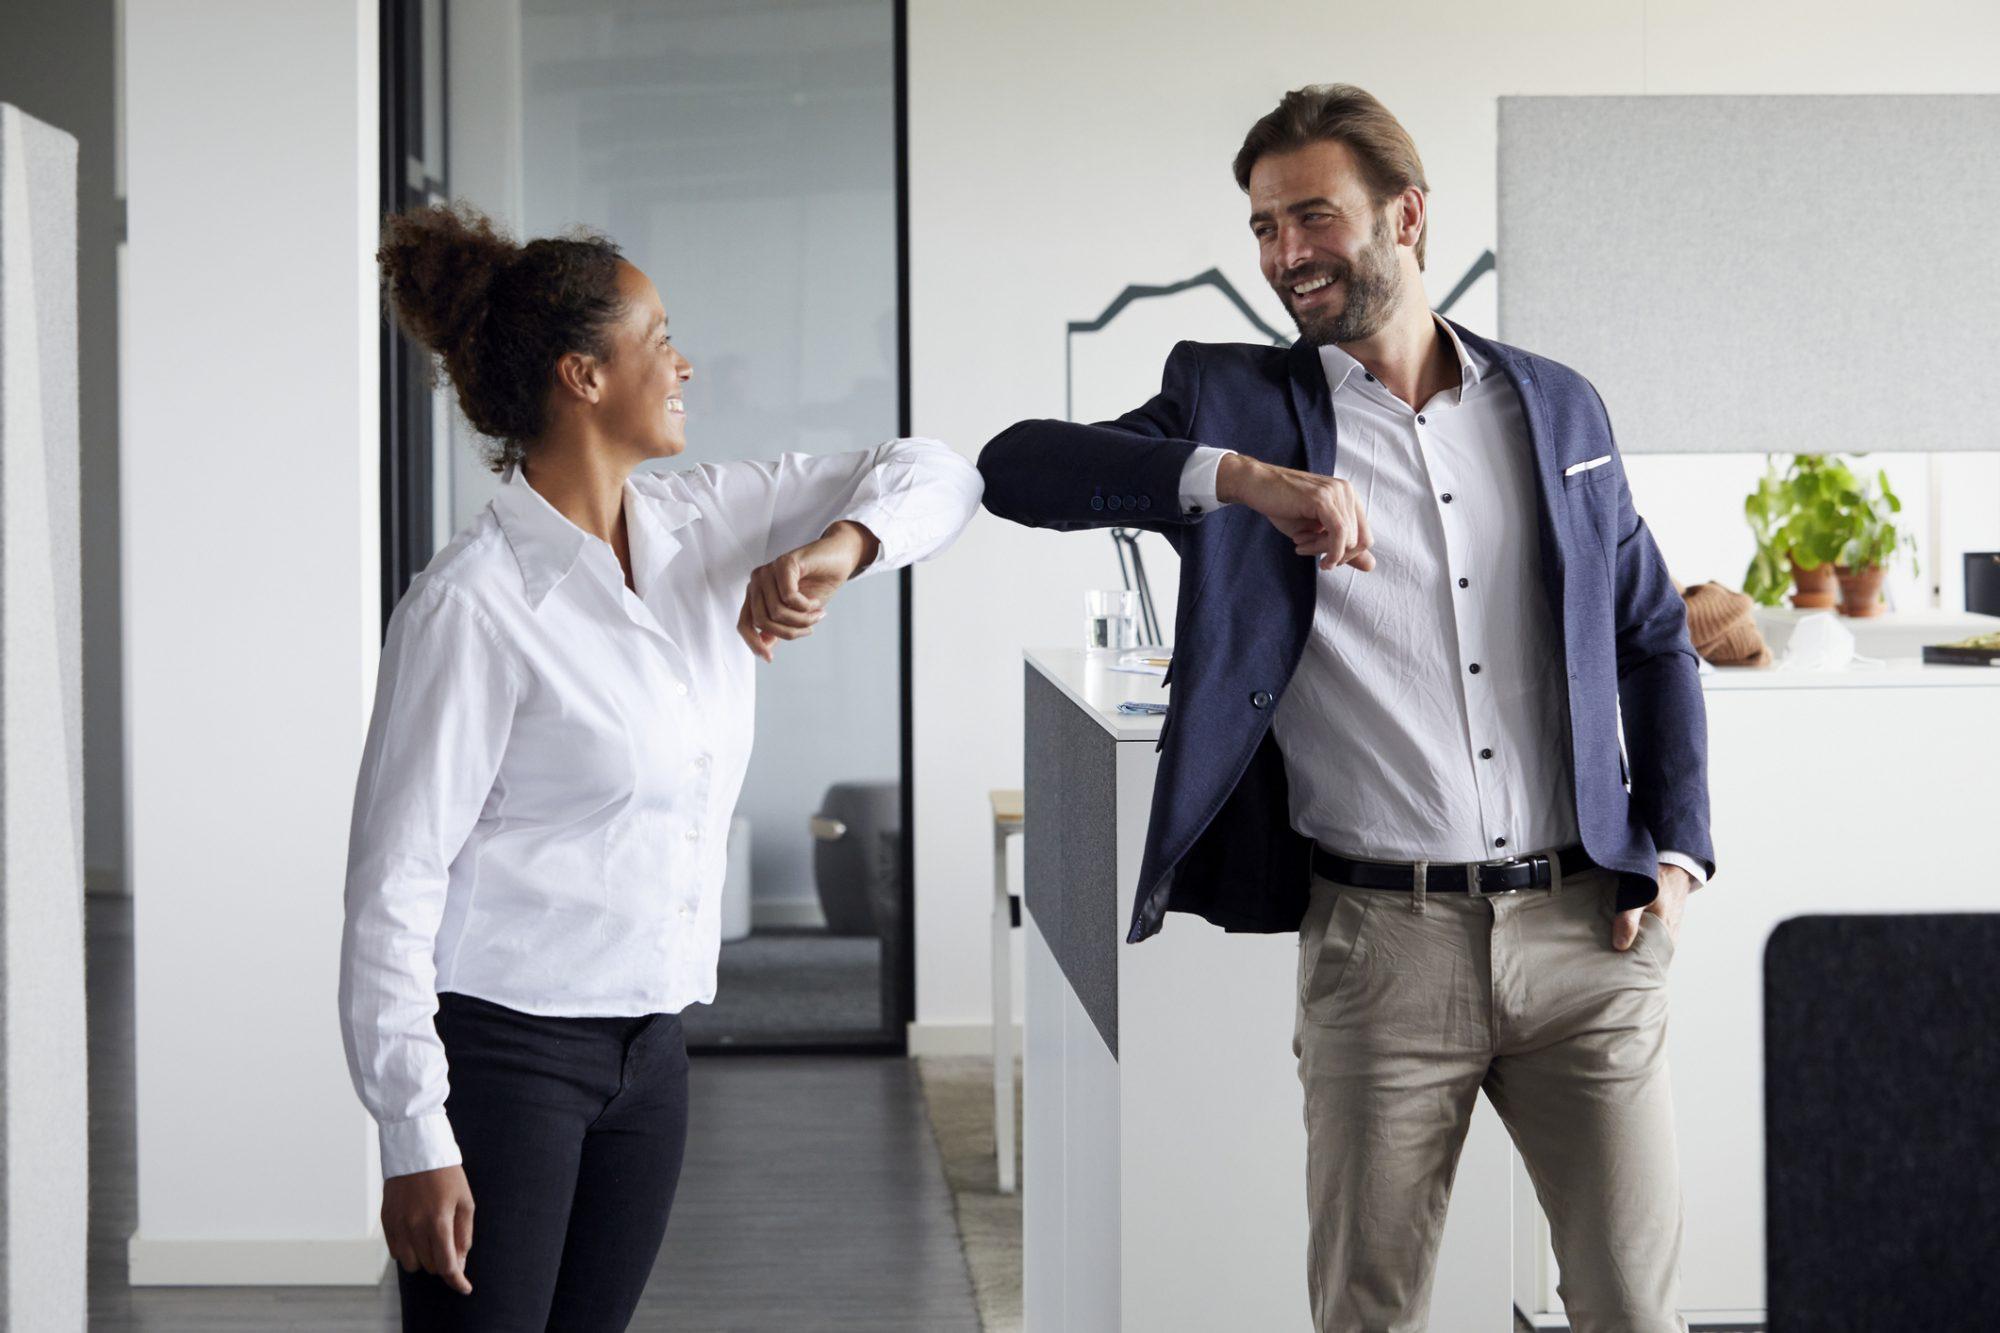 """Kollegen begrüßen sich im Büro als Metapher für """"Unternehmenskultur im Schnelltest: Ergebenisse zeb Kulturanalyse"""